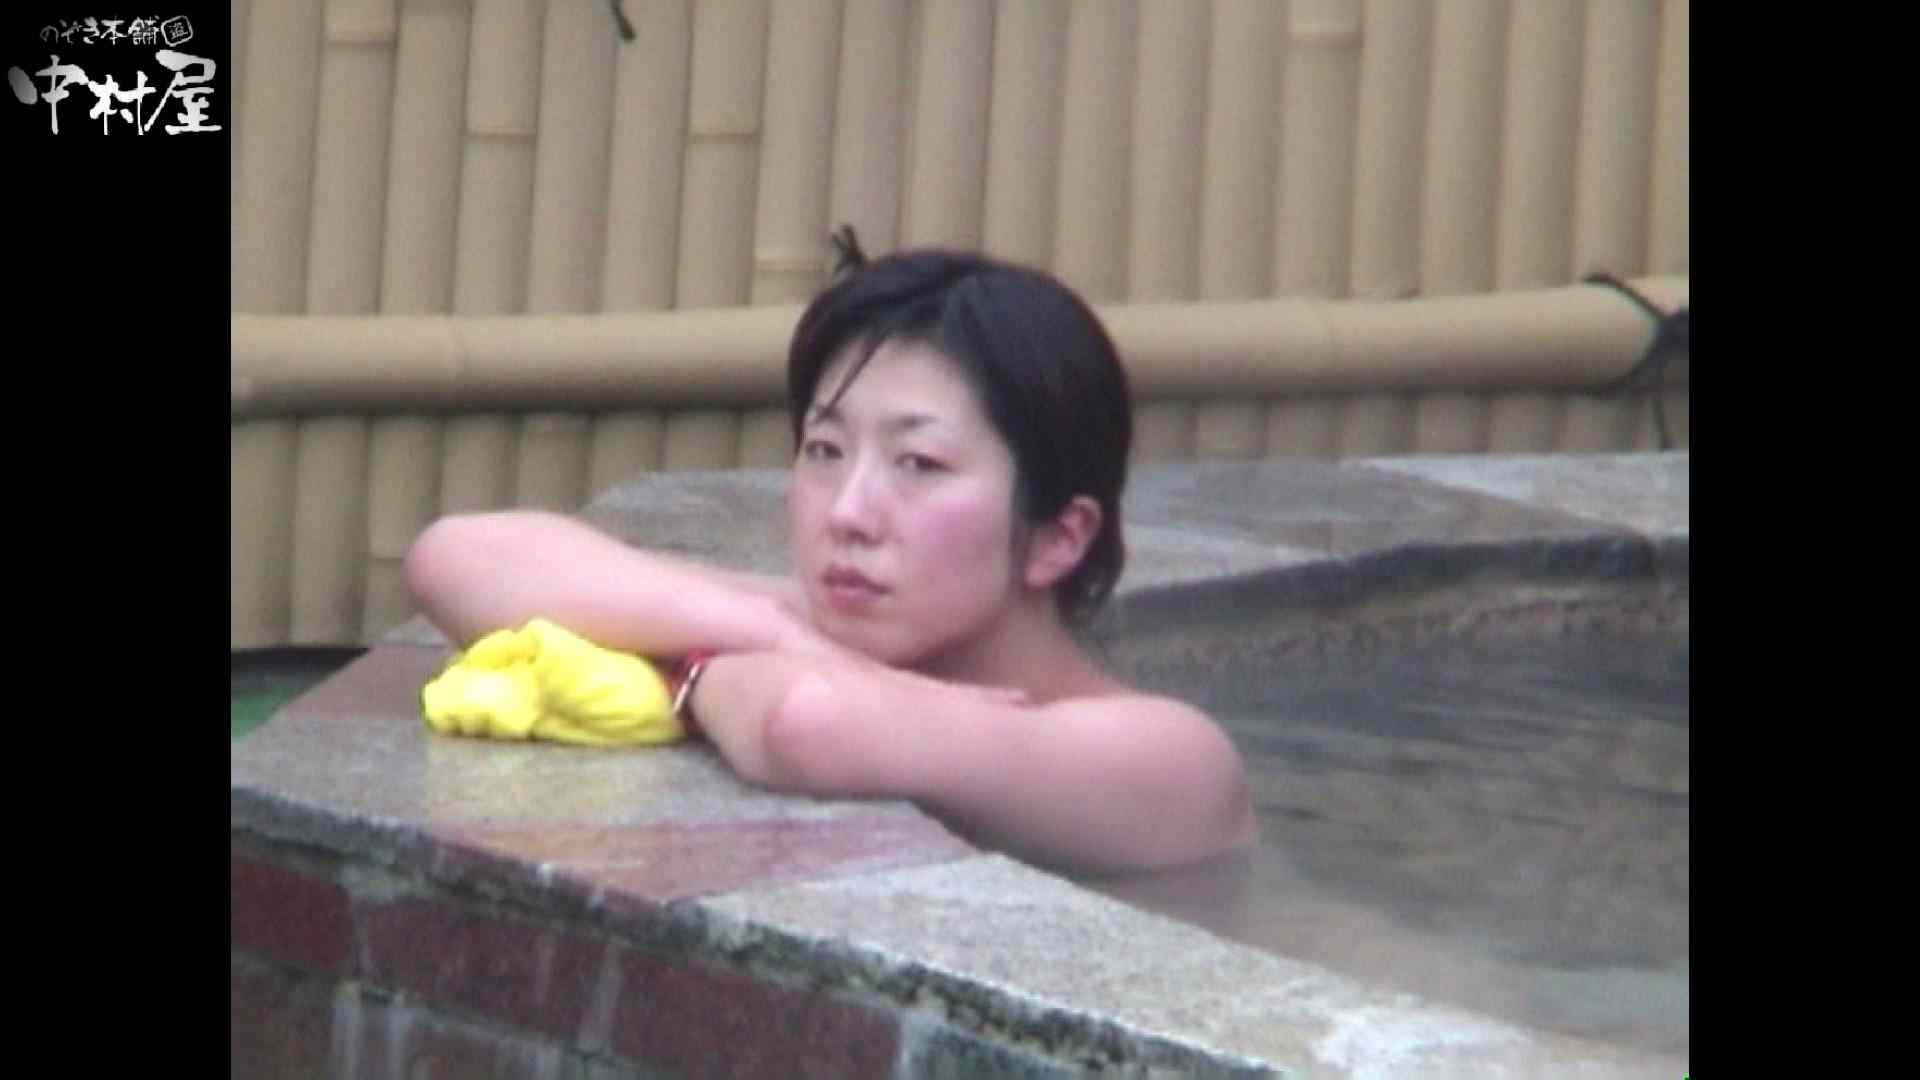 Aquaな露天風呂Vol.921 盗撮特集 | 露天  93画像 72